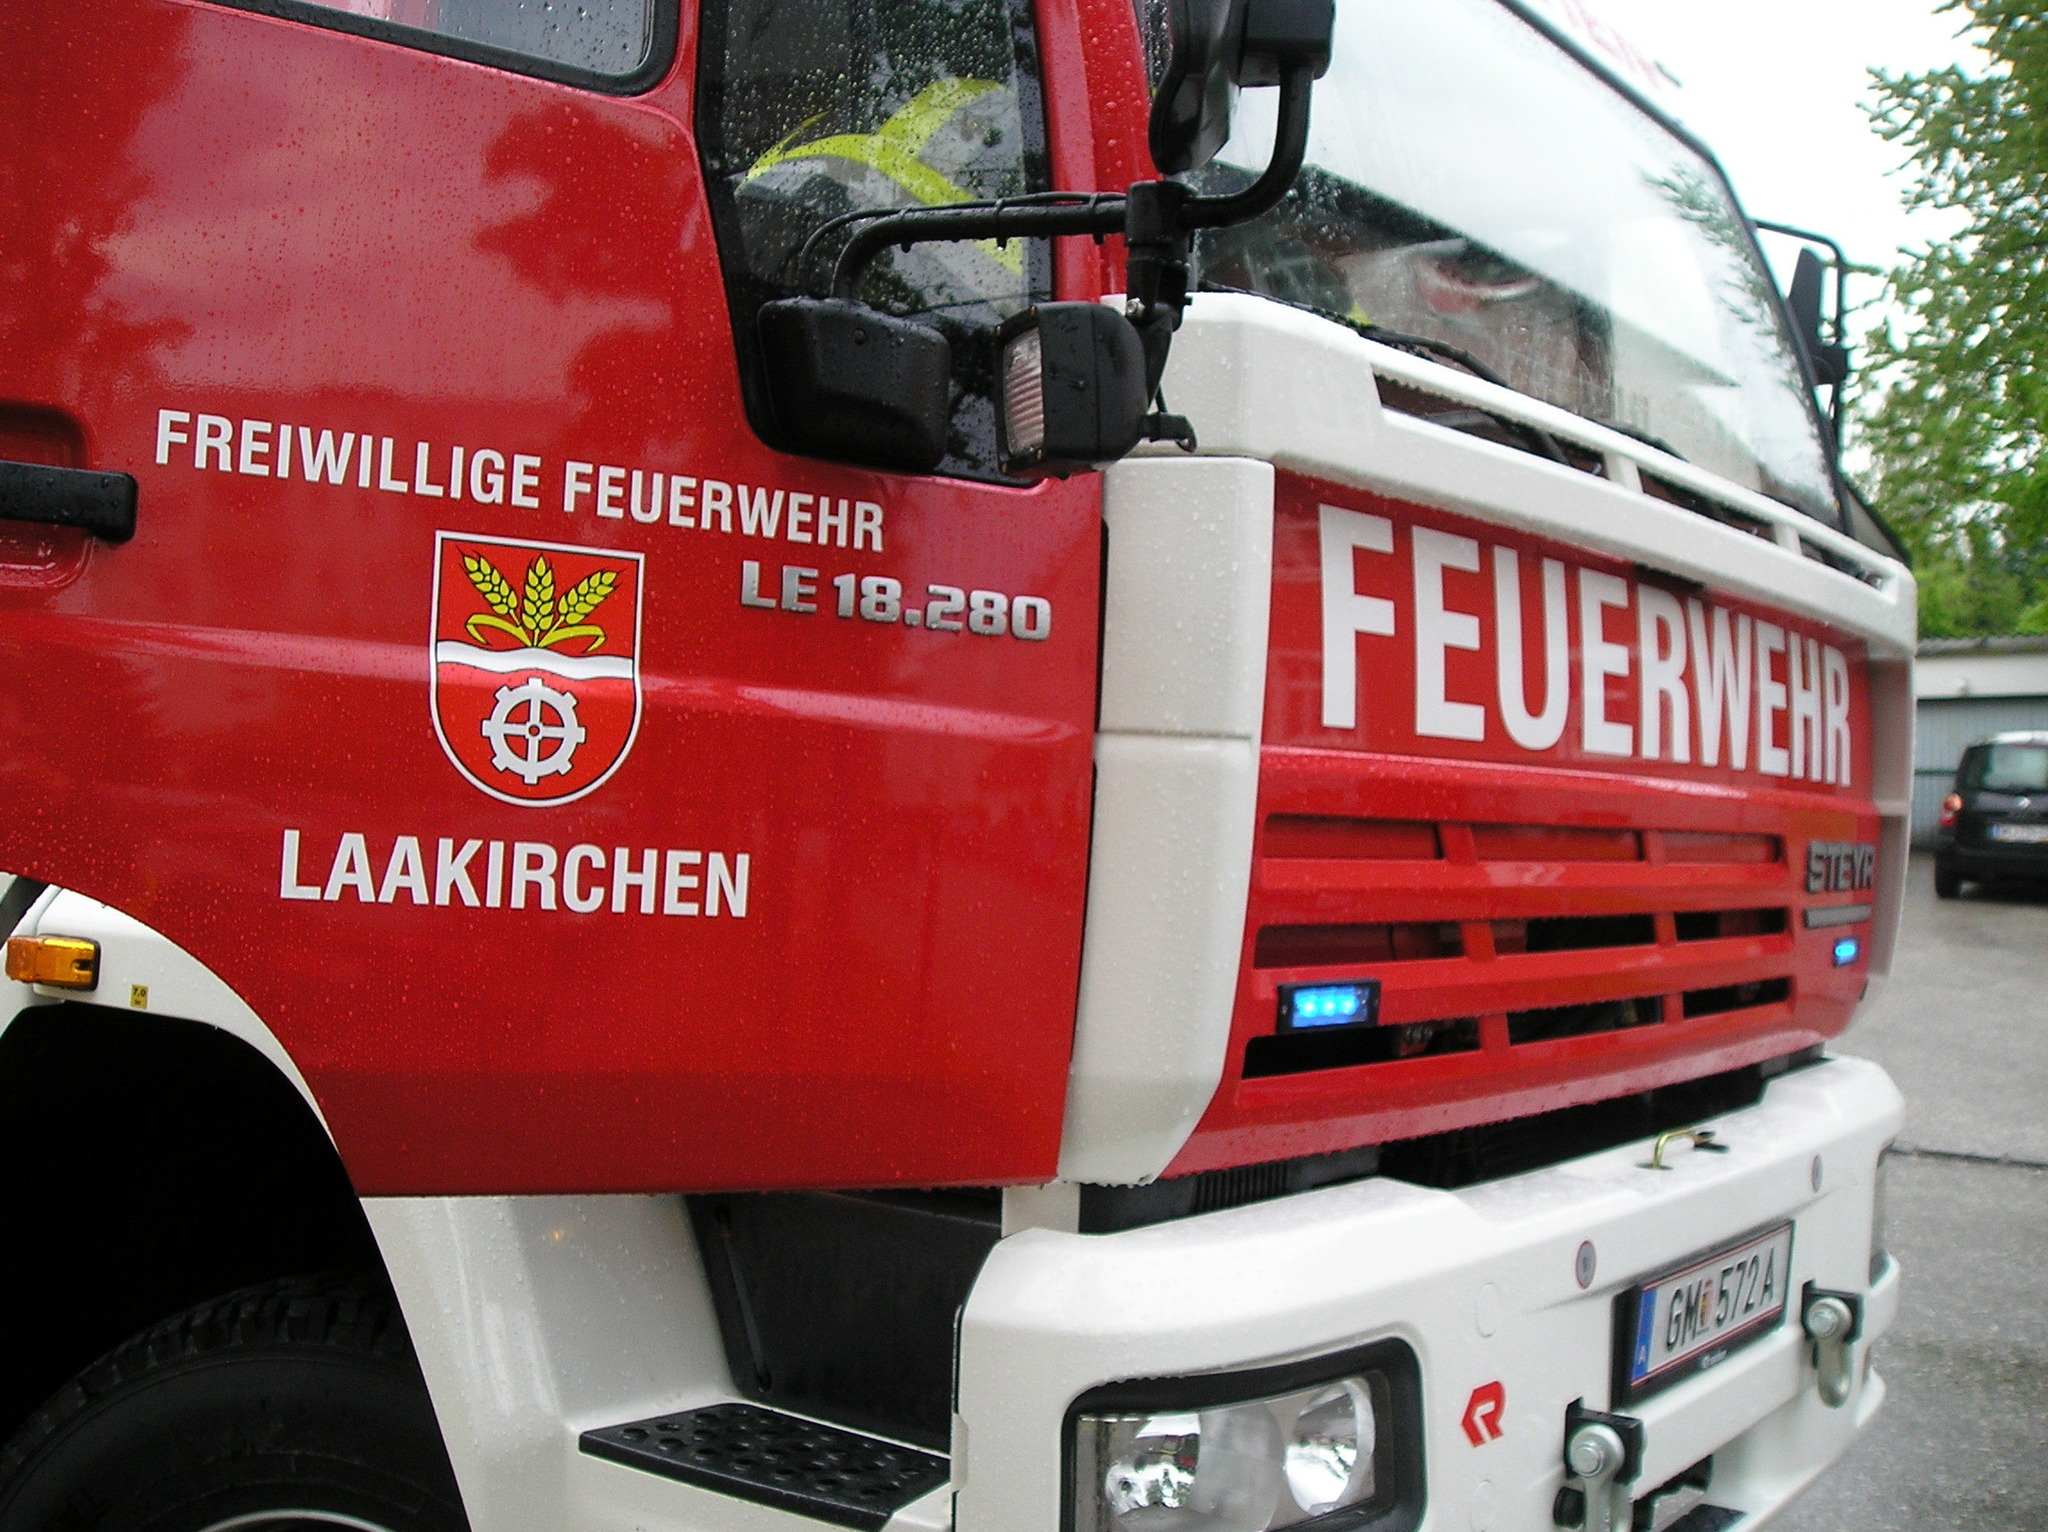 Feuerwehr Laakirchen aus Salzkammergut - meinbezirk.at